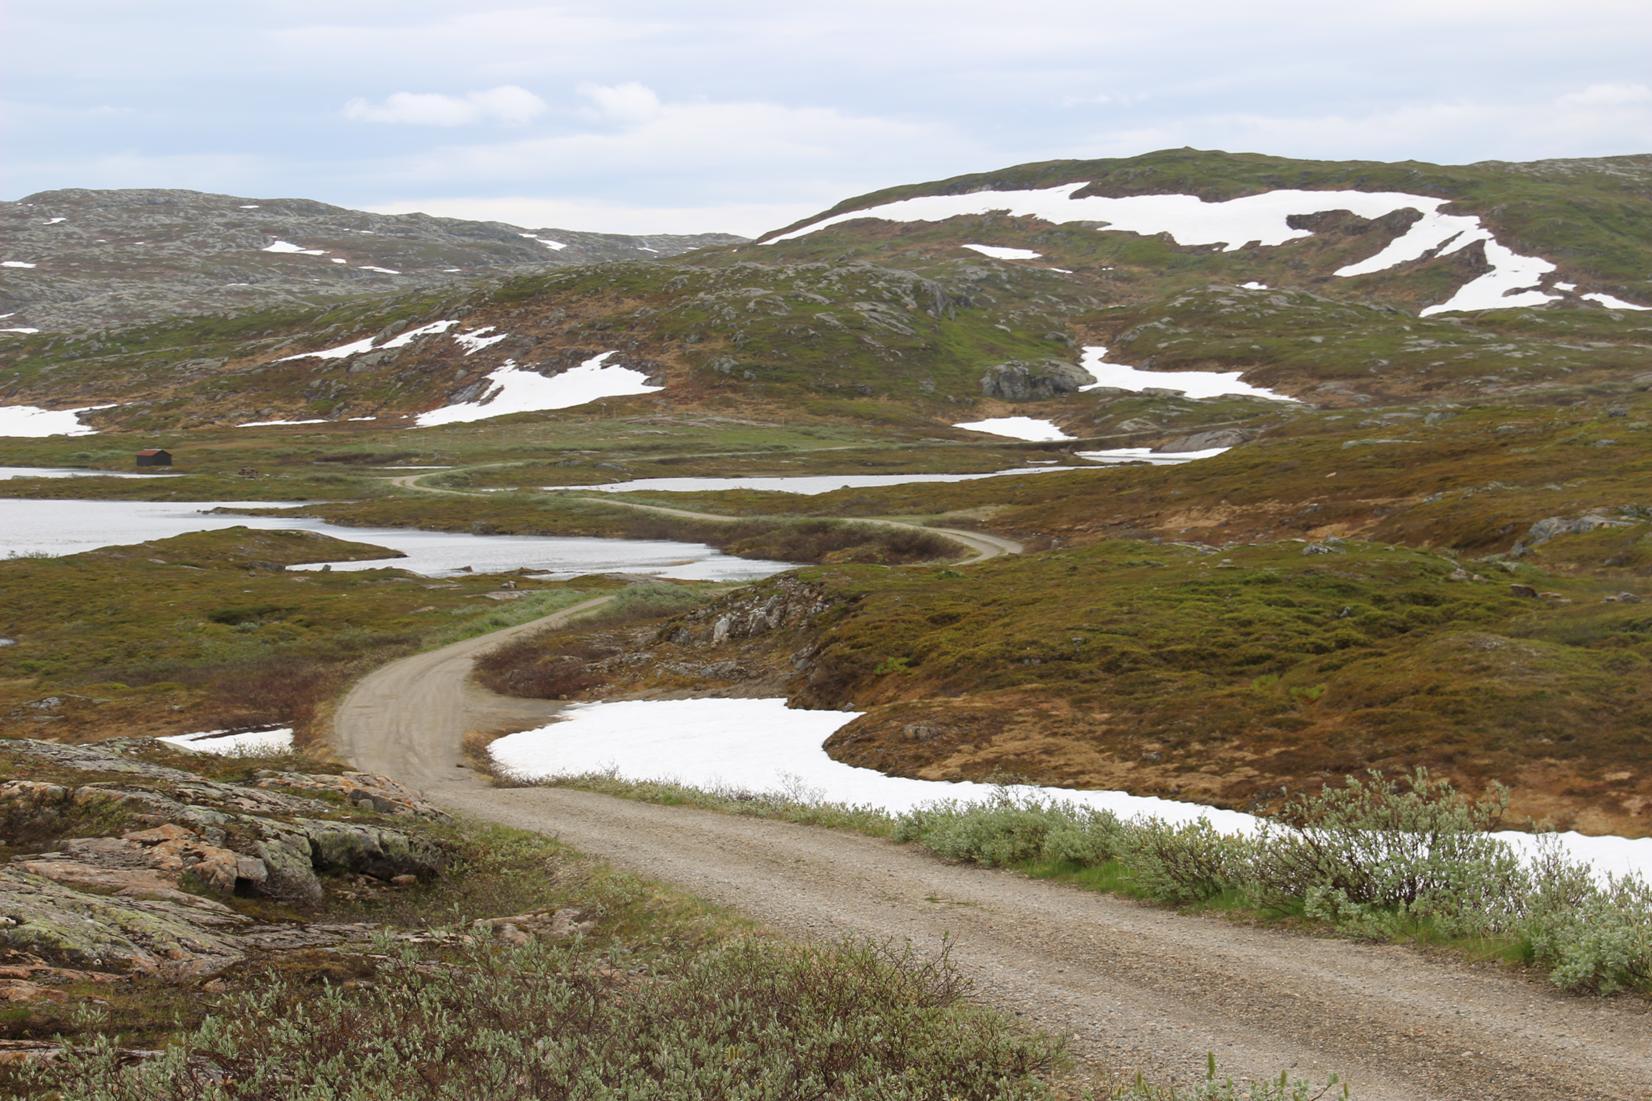 Toppen av veien, med utsikt vestover. Foto: Odd Bakken